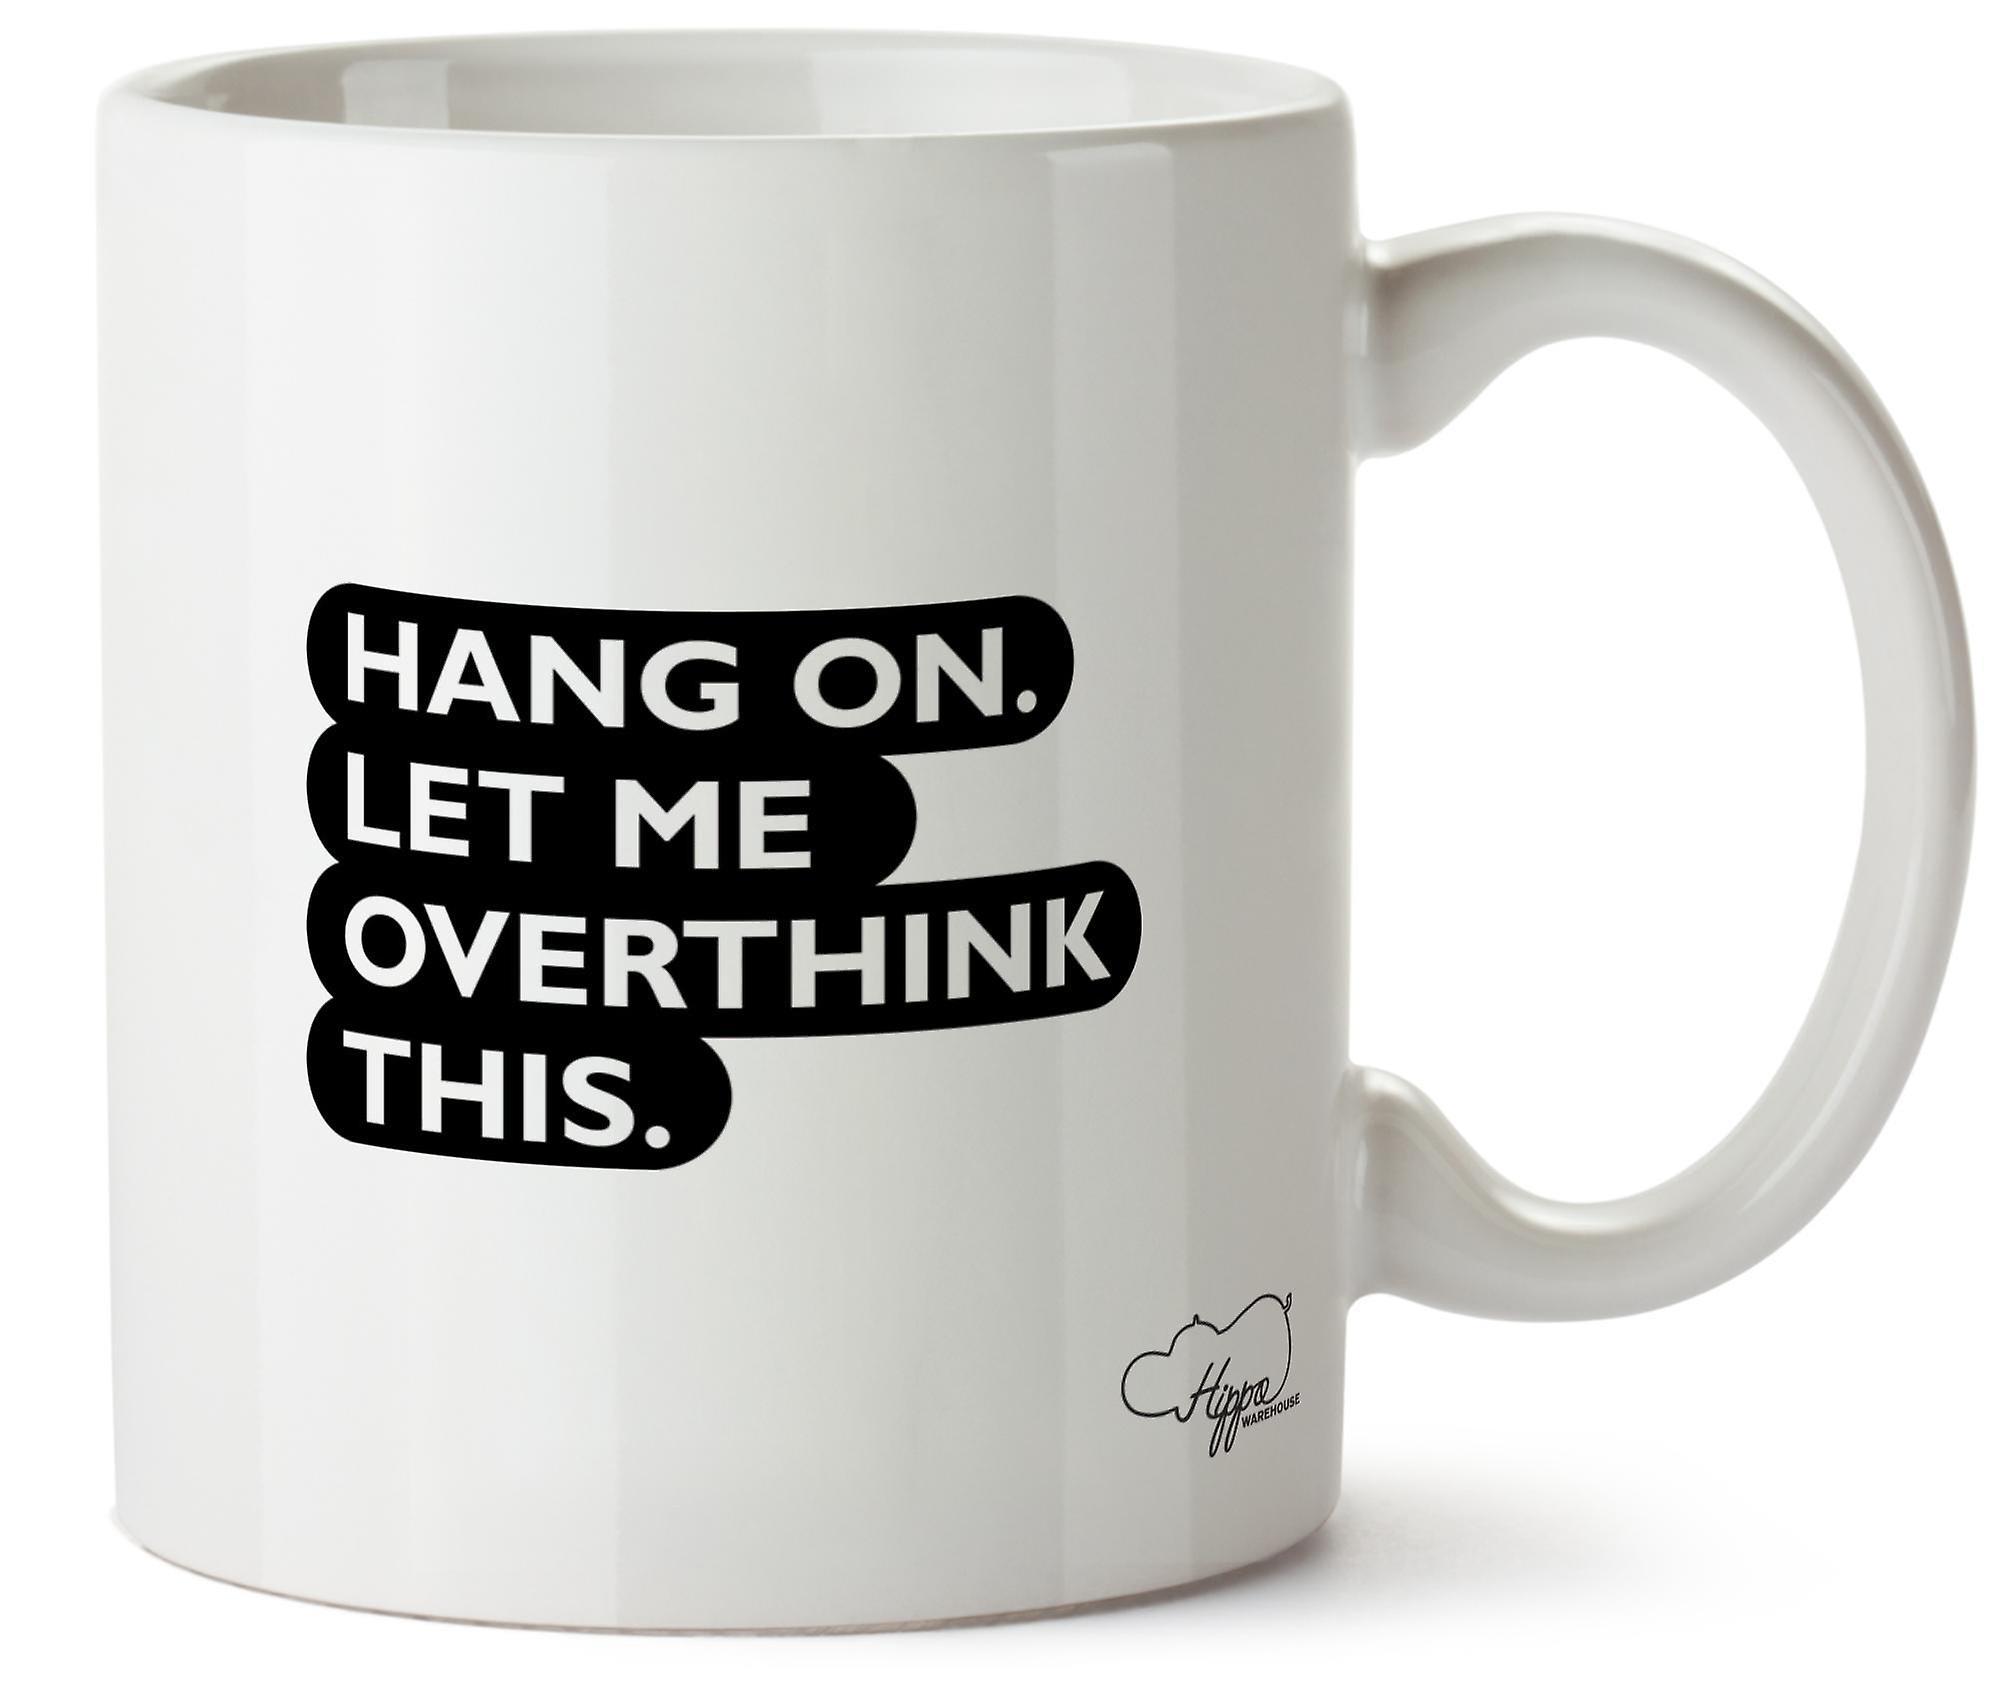 moi 10oz Ce Hang De Coupe Imprimé Vous Pencher Mug OnPermettez Hippowarehouse Céramique N0n8mw